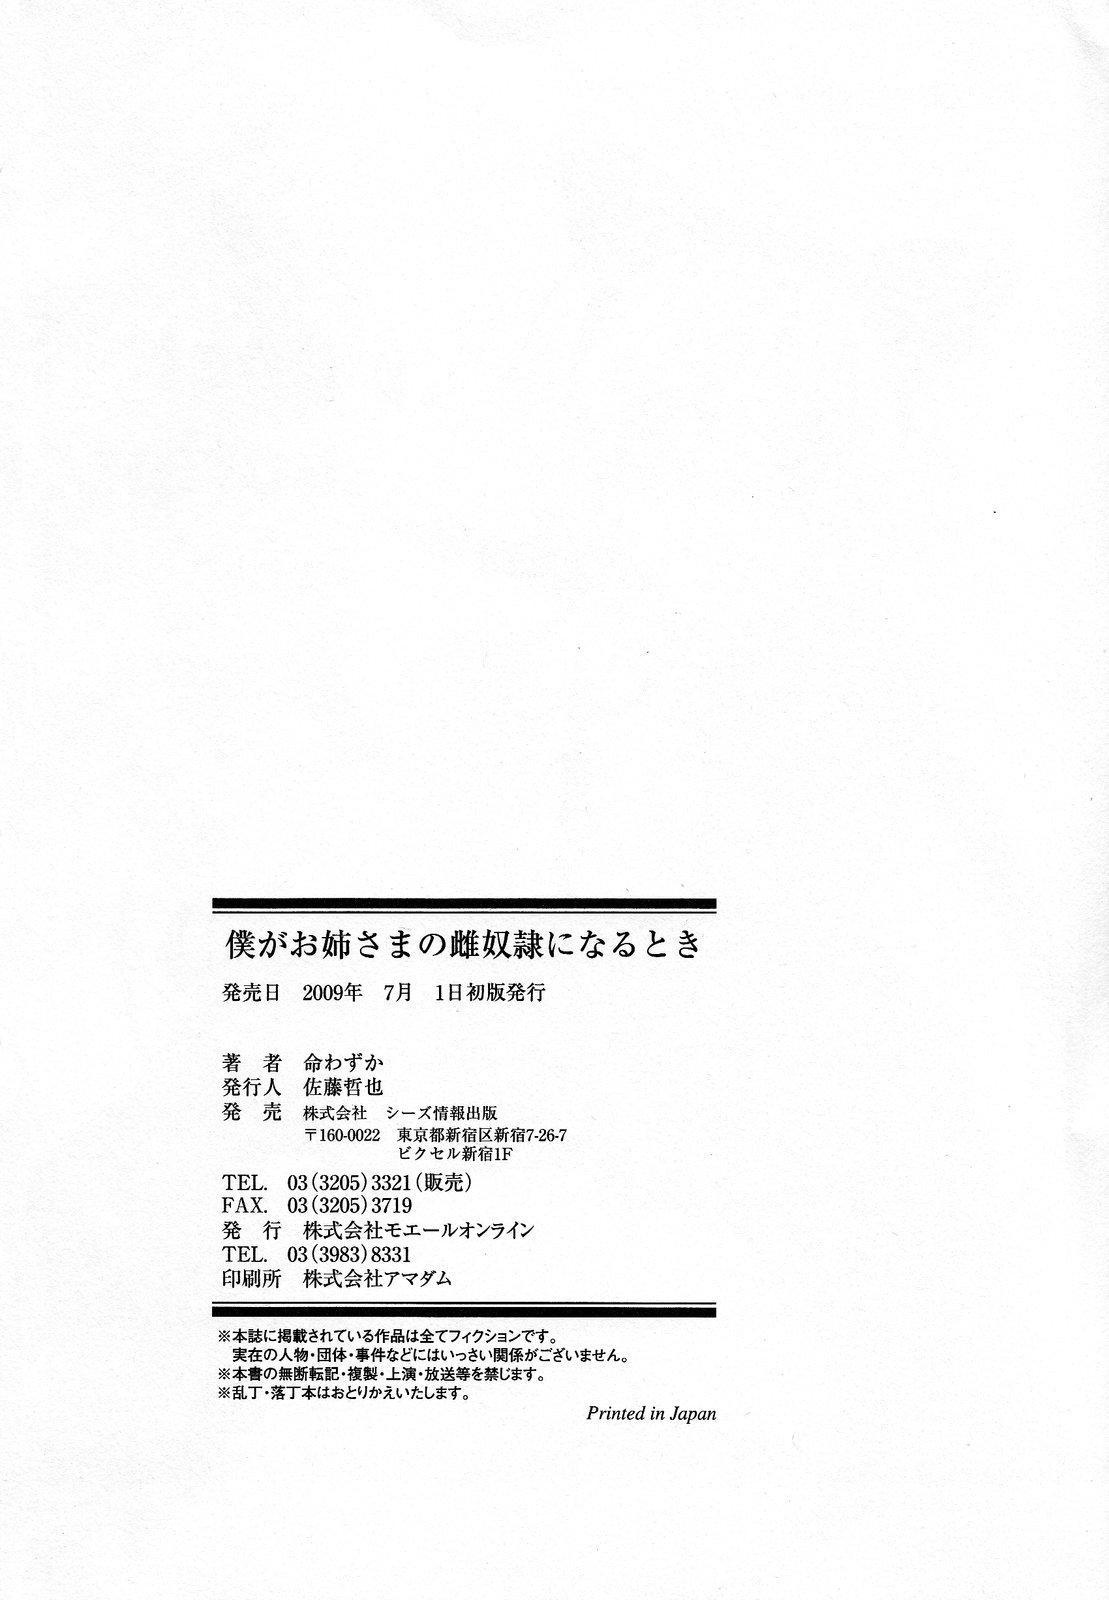 Boku ga Onee-sama no Mesu Dorei ni Narutoki 179